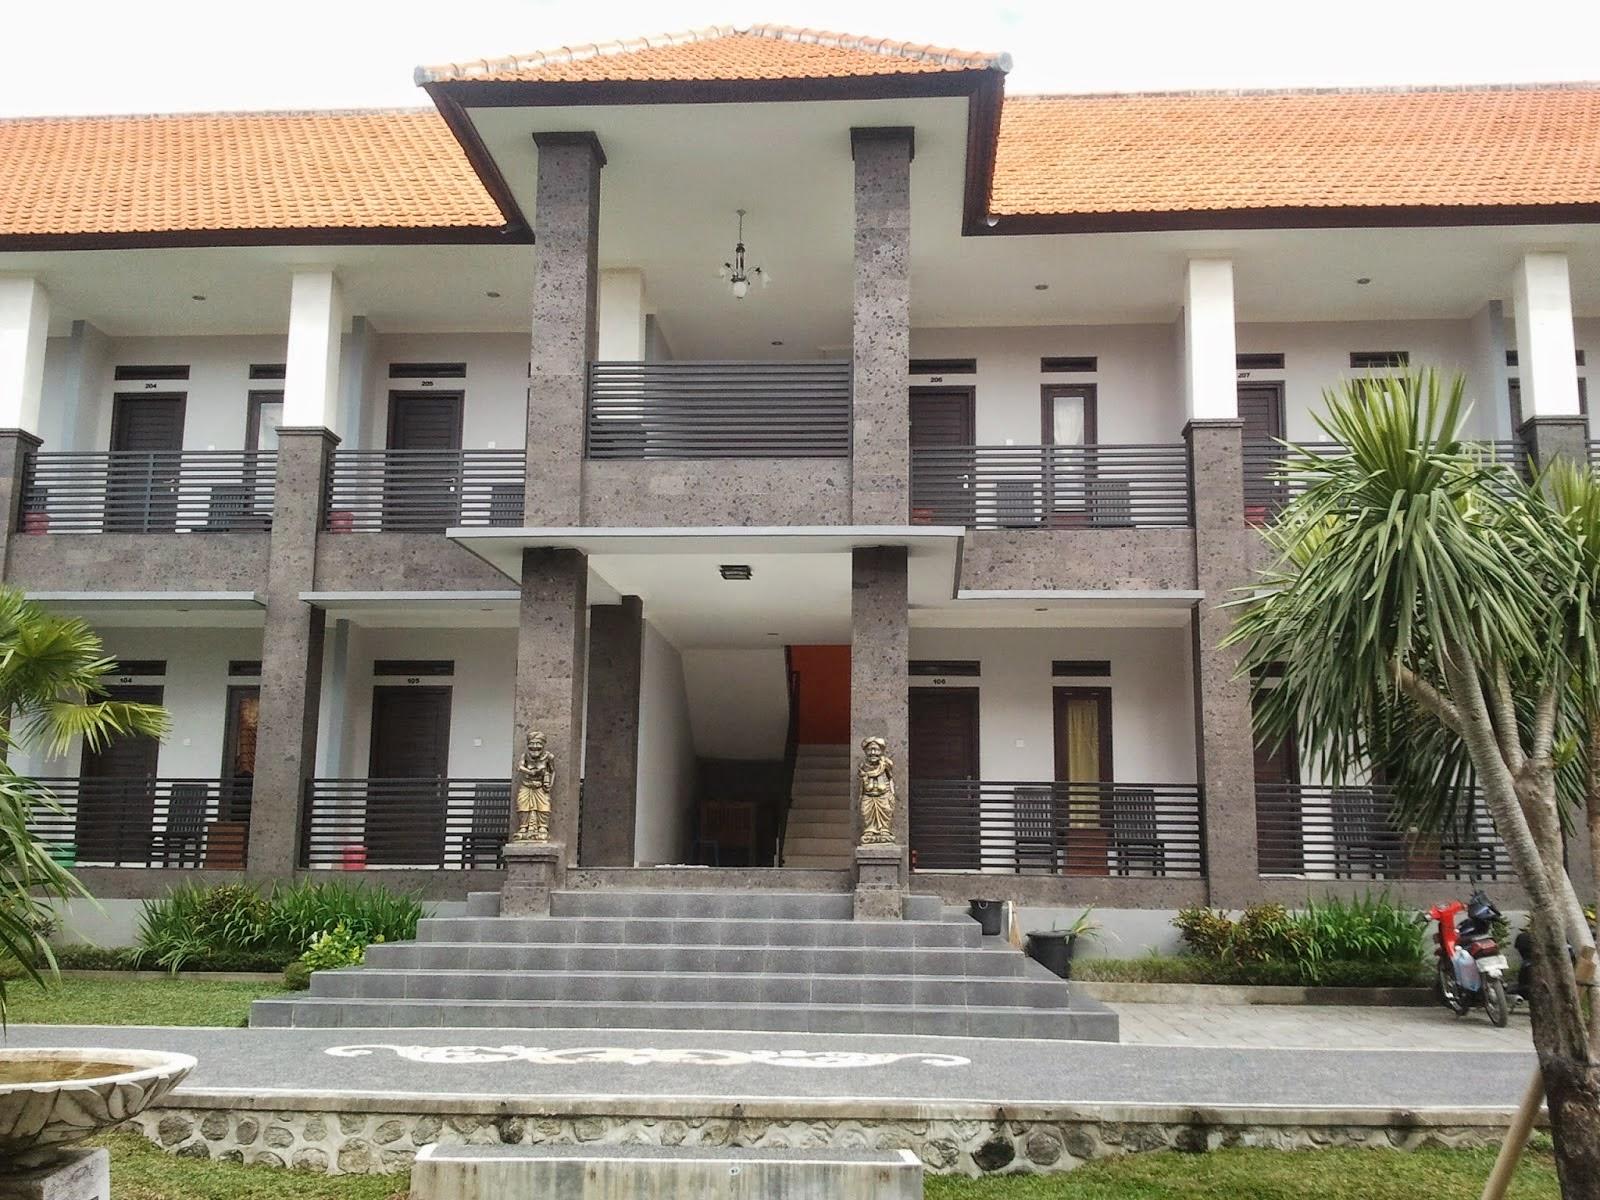 Daftar Harga Hotel Murah Di Bali